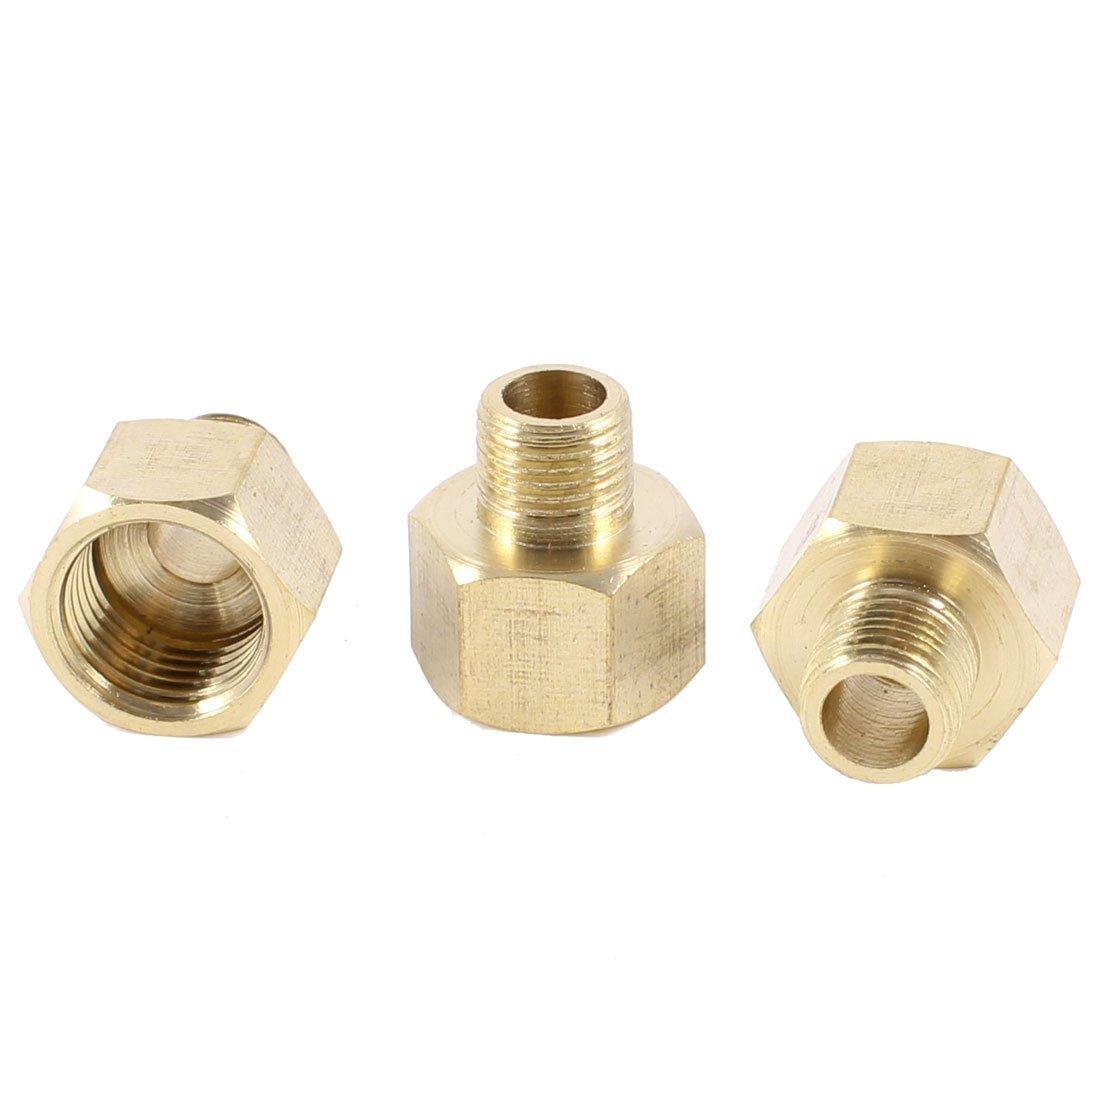 3pzs 1//8PT x 1//4PT macho a hembra Adaptador accesorios de tuberia buje hexagonal roscado Conector de tuberia SODIAL R